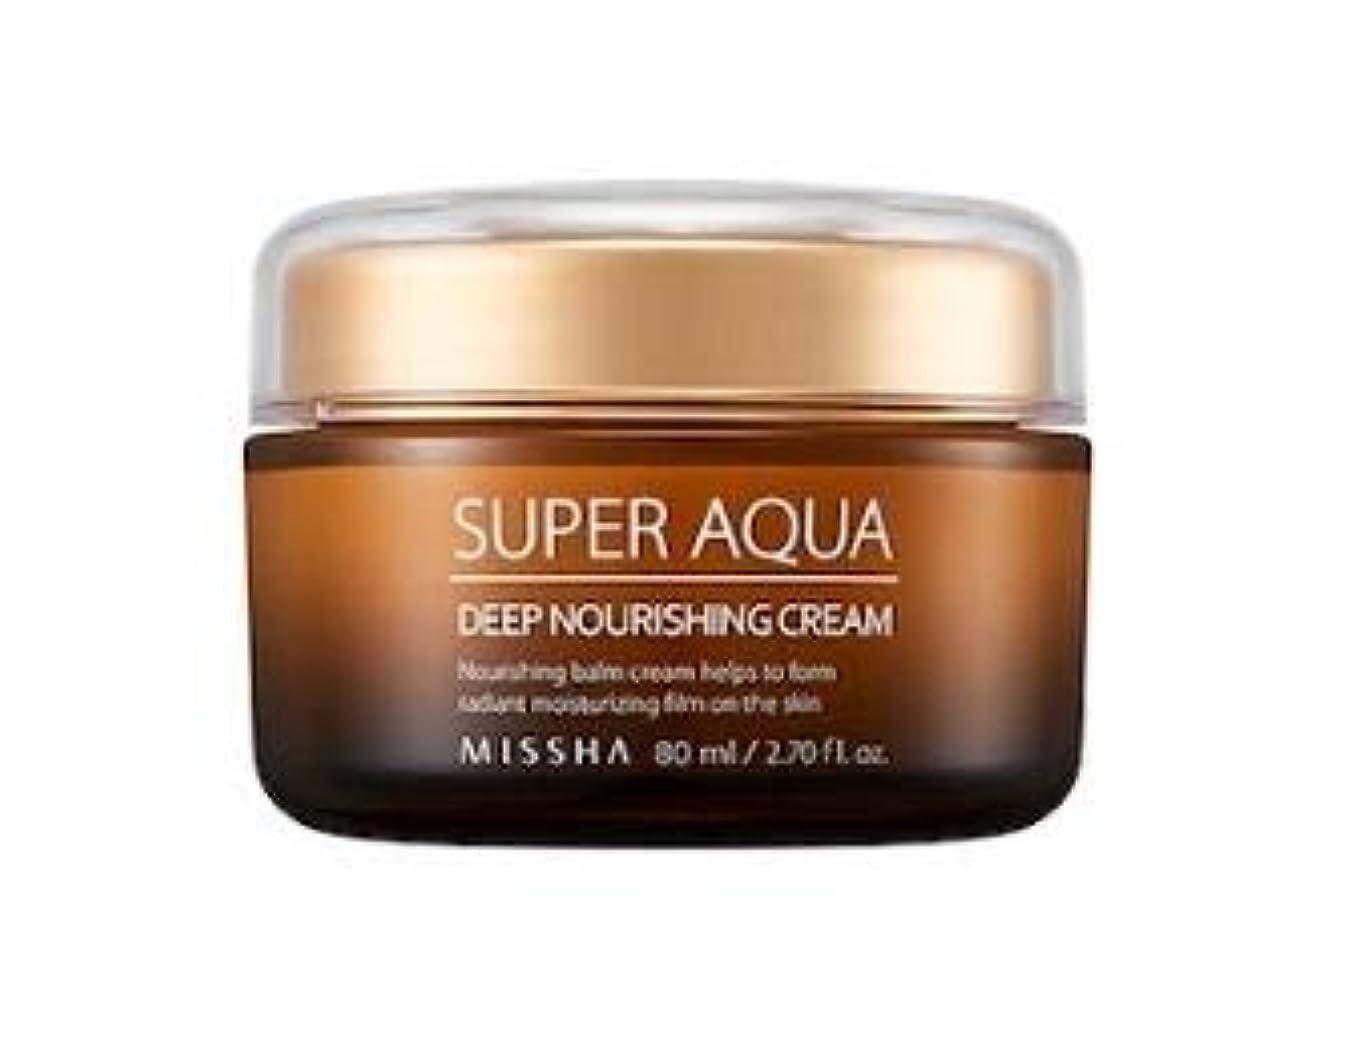 雪の文献トランスペアレントMISSHA Super Aqua Ultra Water Full Deep Nourishing Cream ミシャ スーパーアクアウルトラウォーターフルディープナリシングクリーム [並行輸入品]